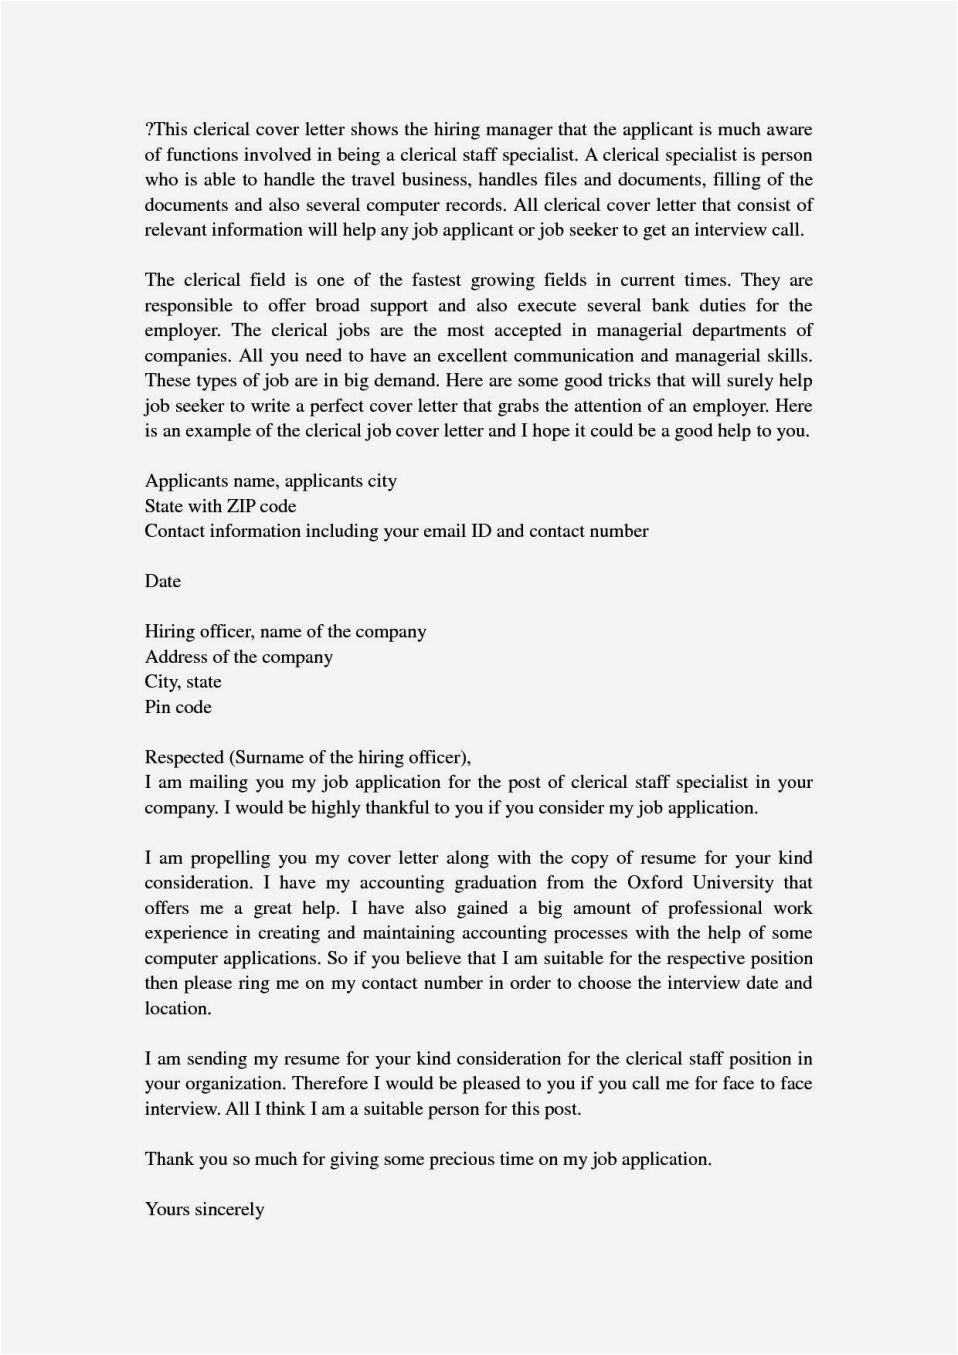 cover letter format for sending documents